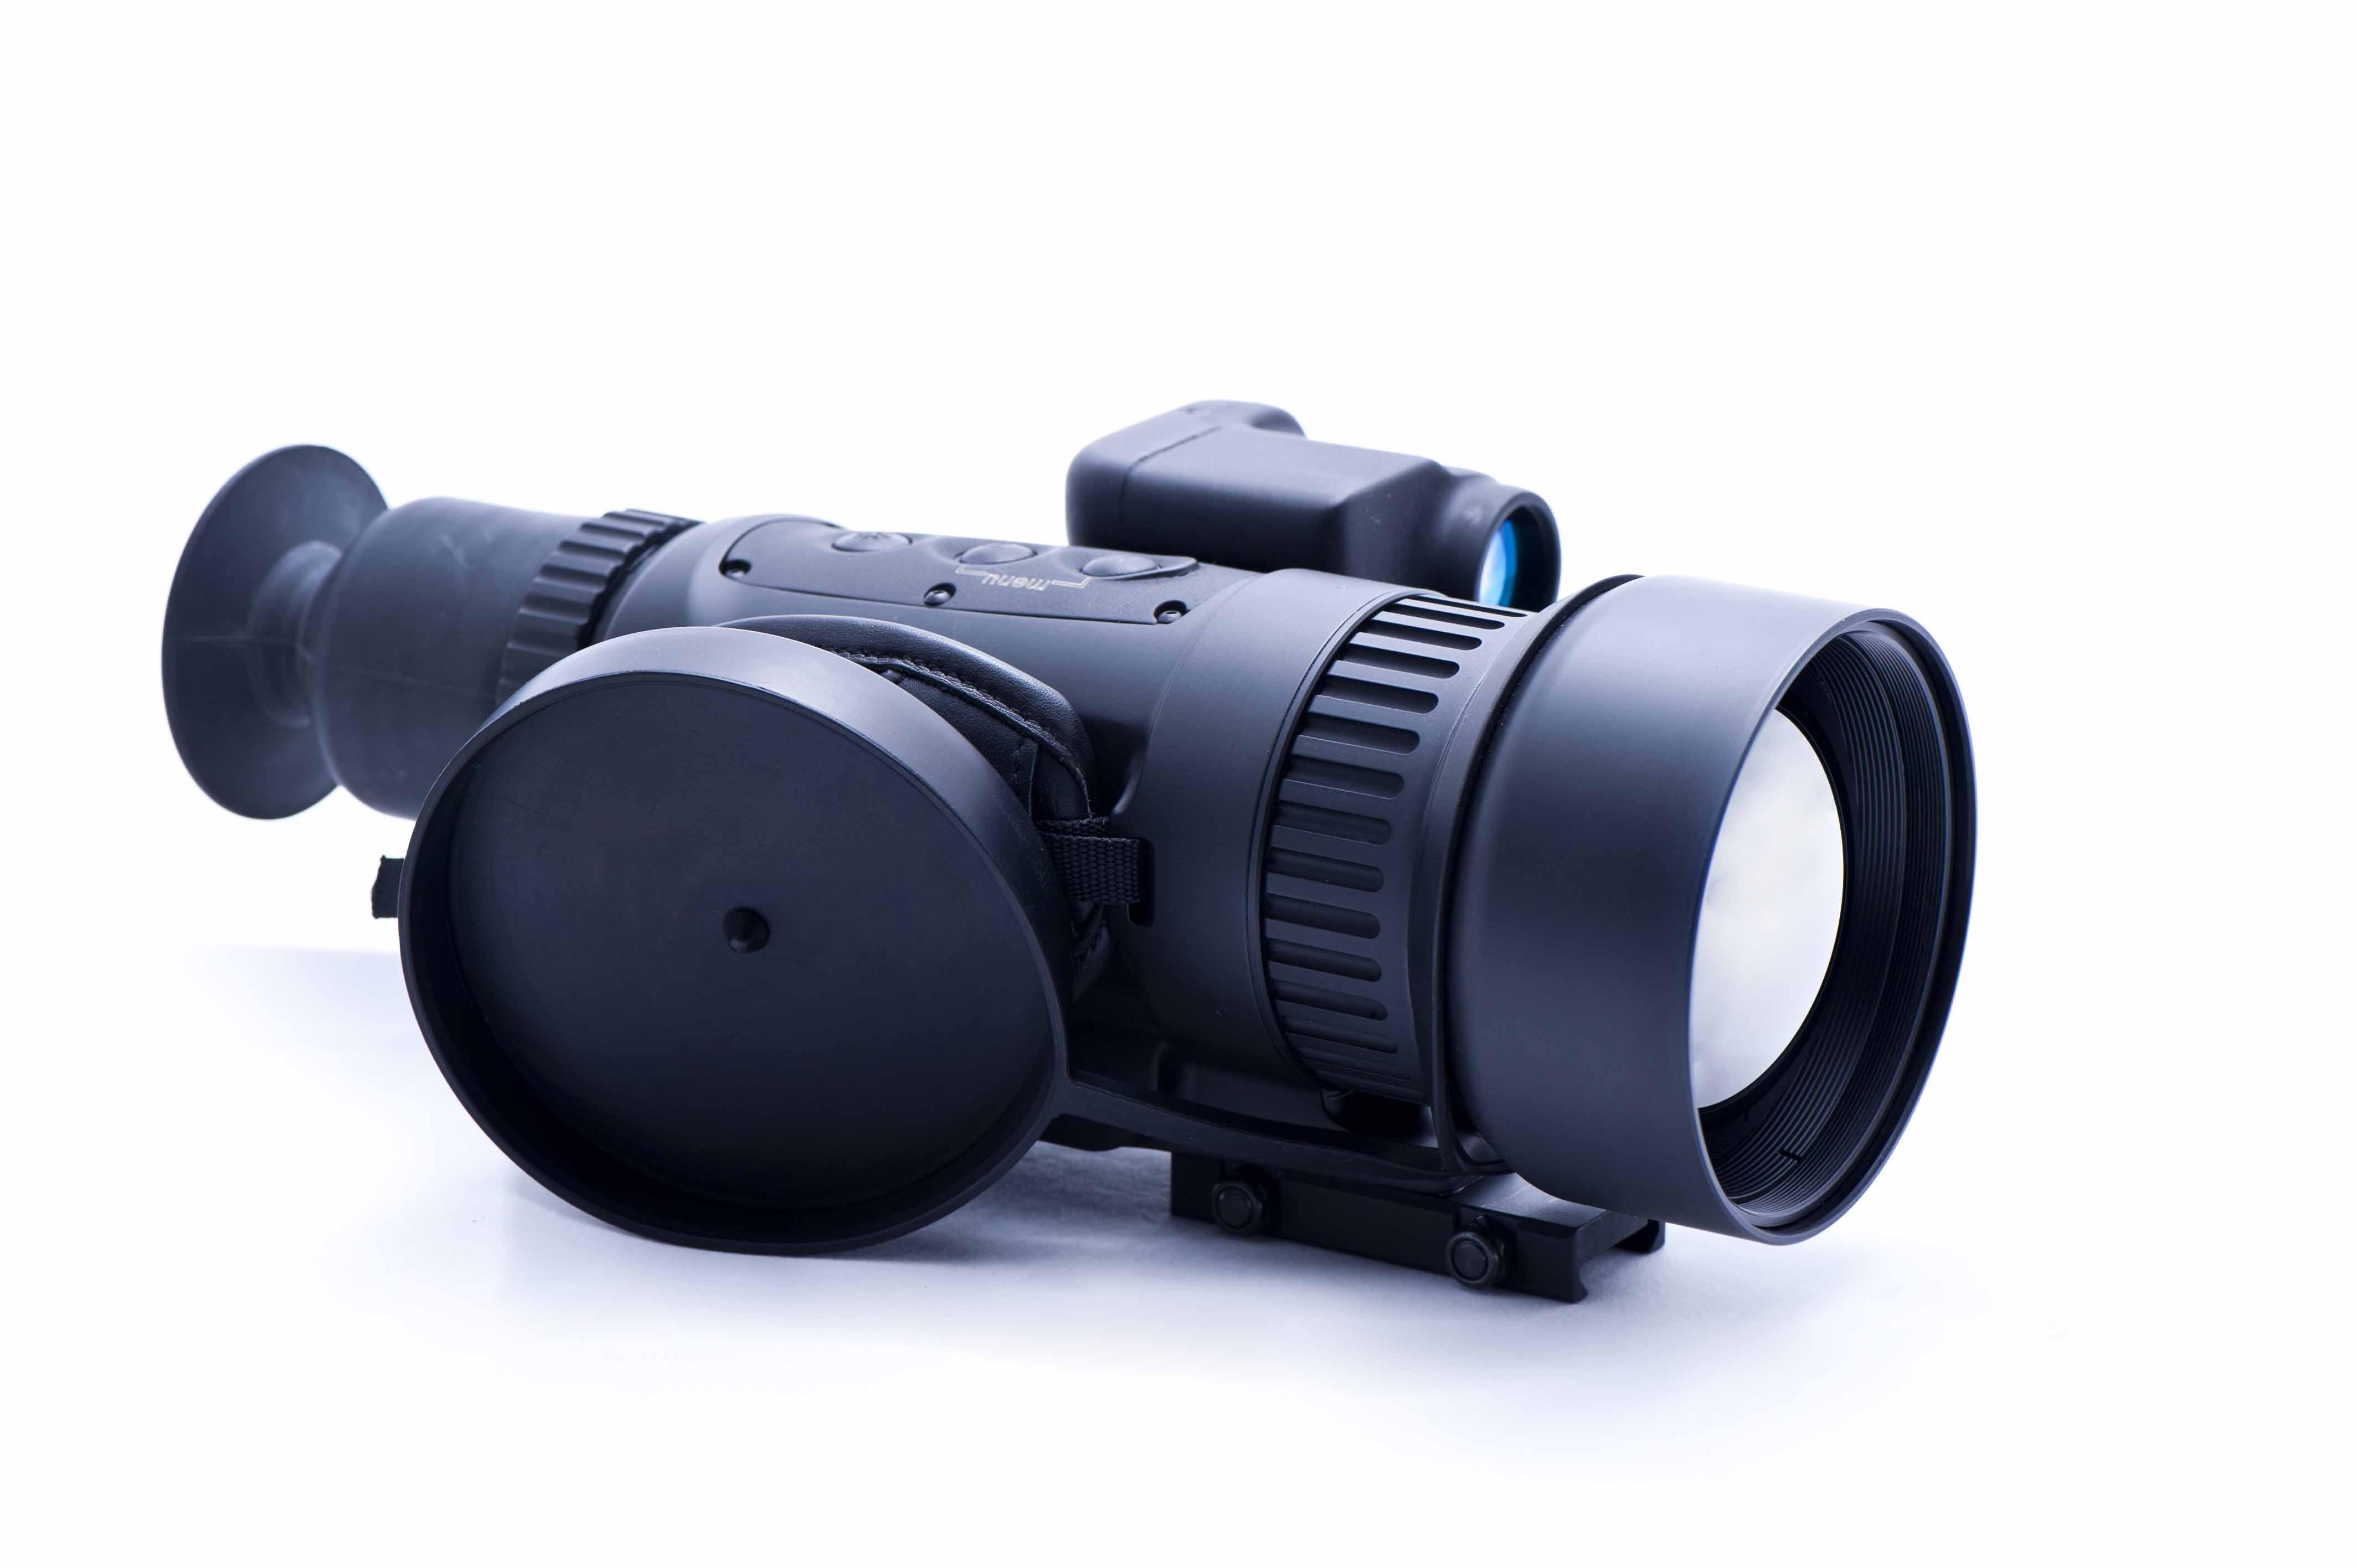 Zielfernrohr Mit Entfernungsmesser Und Nachtsicht : Militäroptik